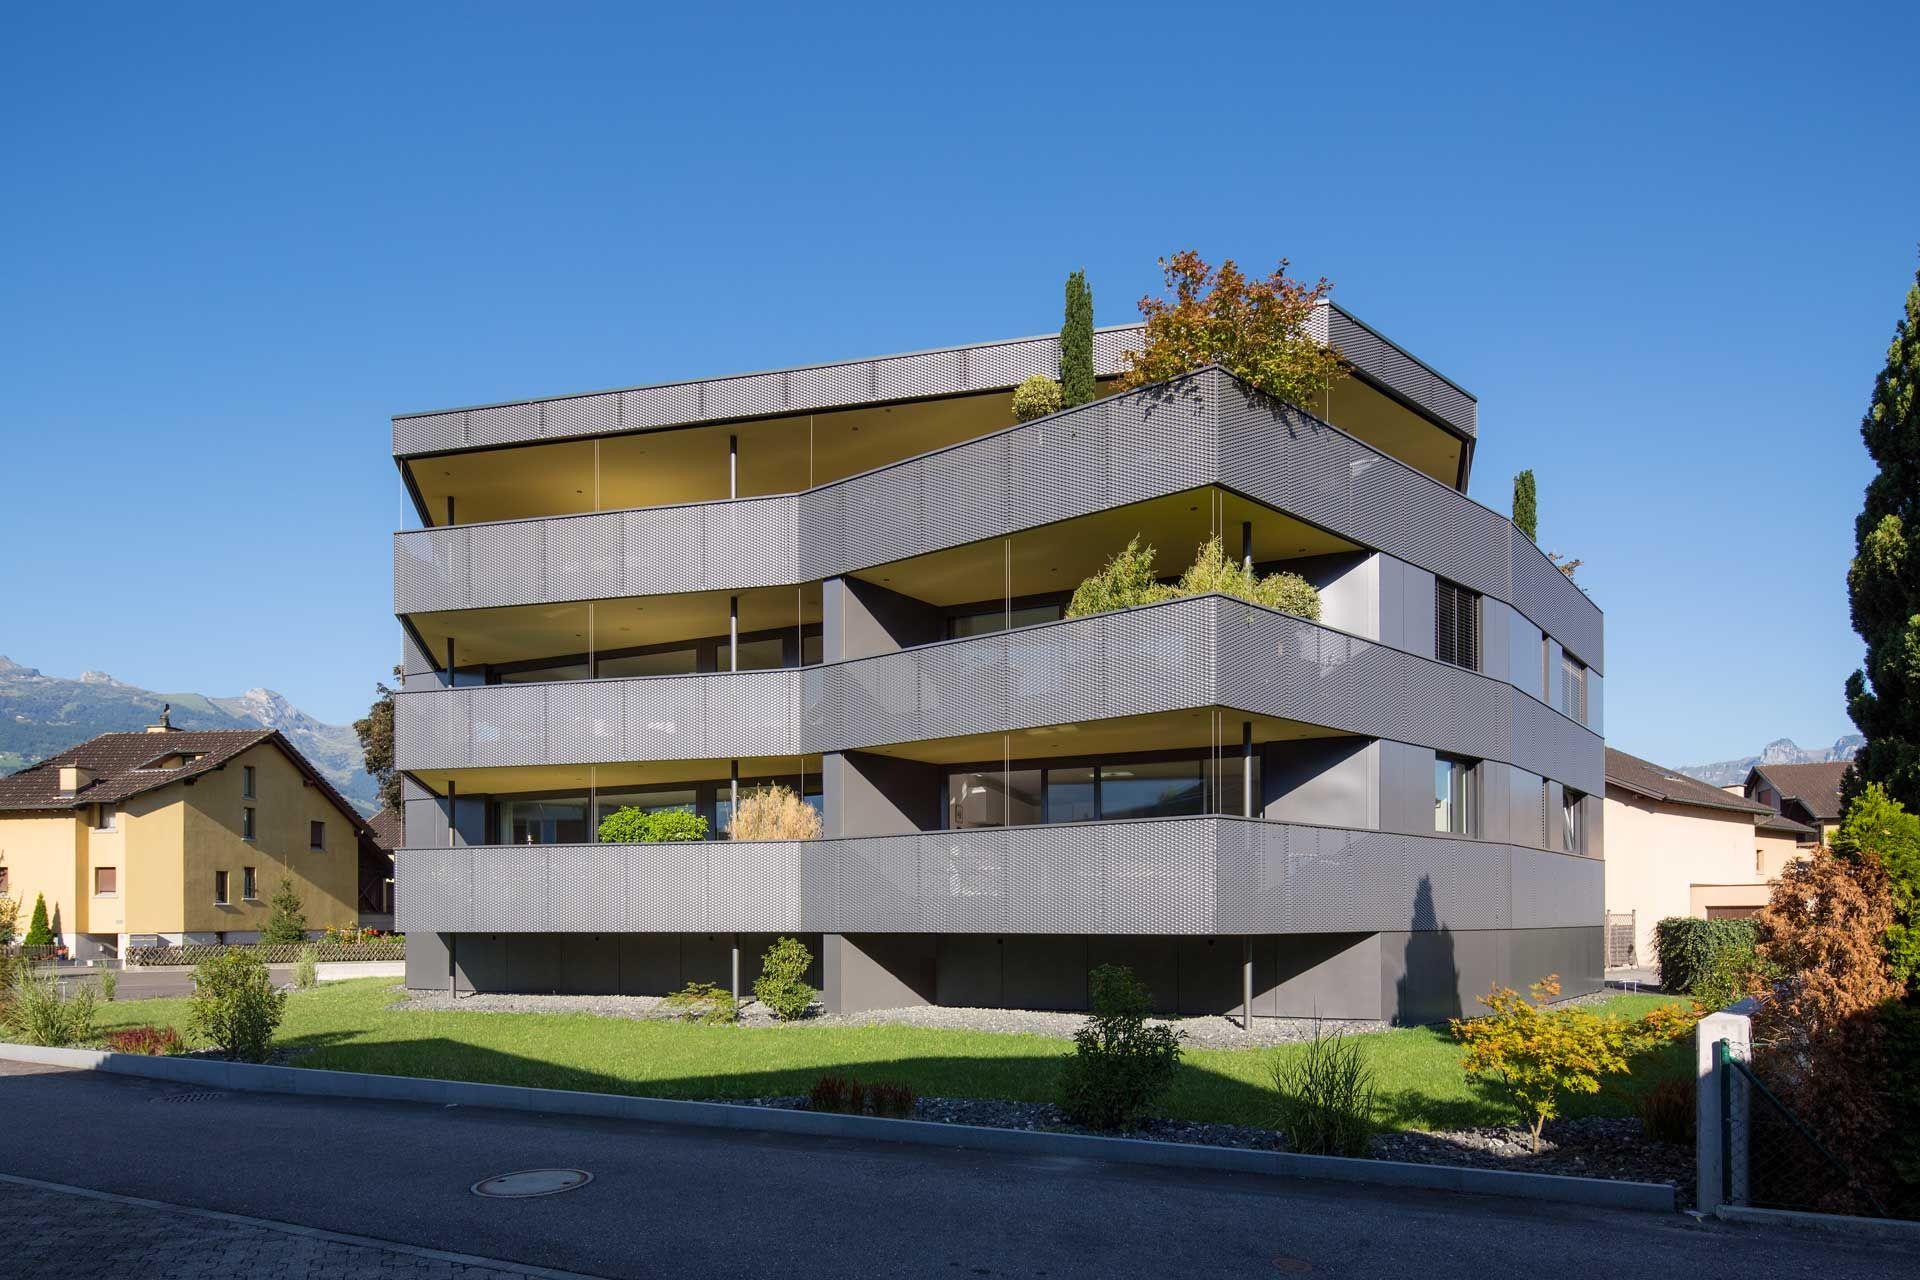 Pii5 dynamische architektur mehrfamilienhaus mir vorgeh ngter metallfassade modern wohnen - Dynamische architektur ...